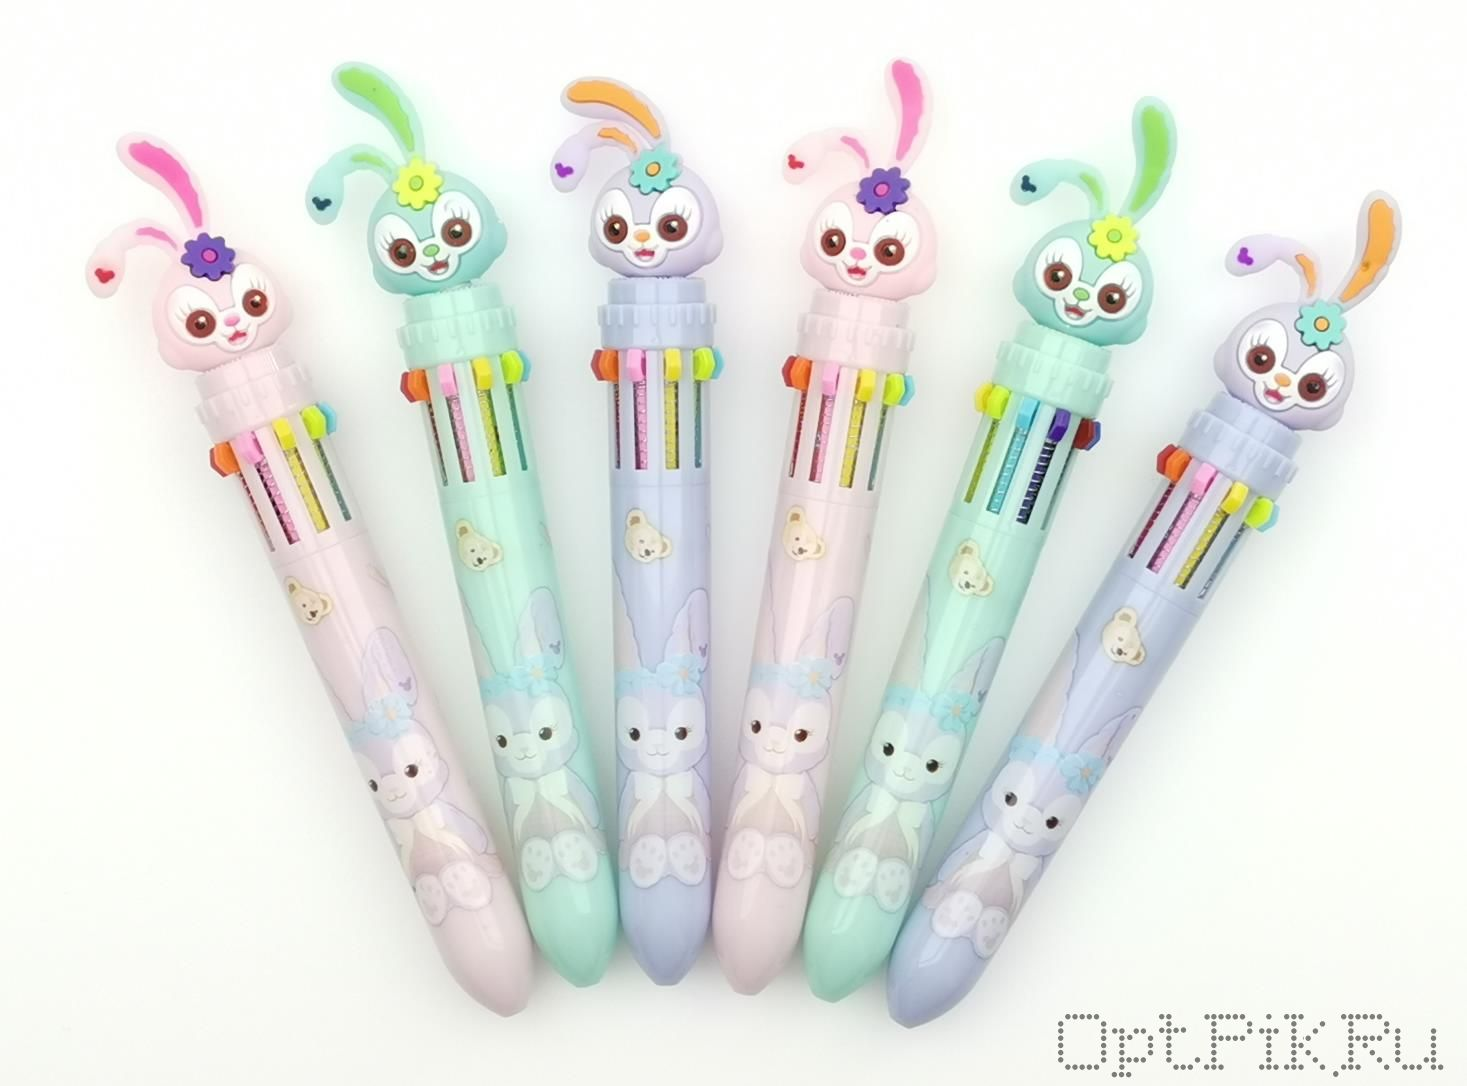 Ручка зайчик 10 цветов